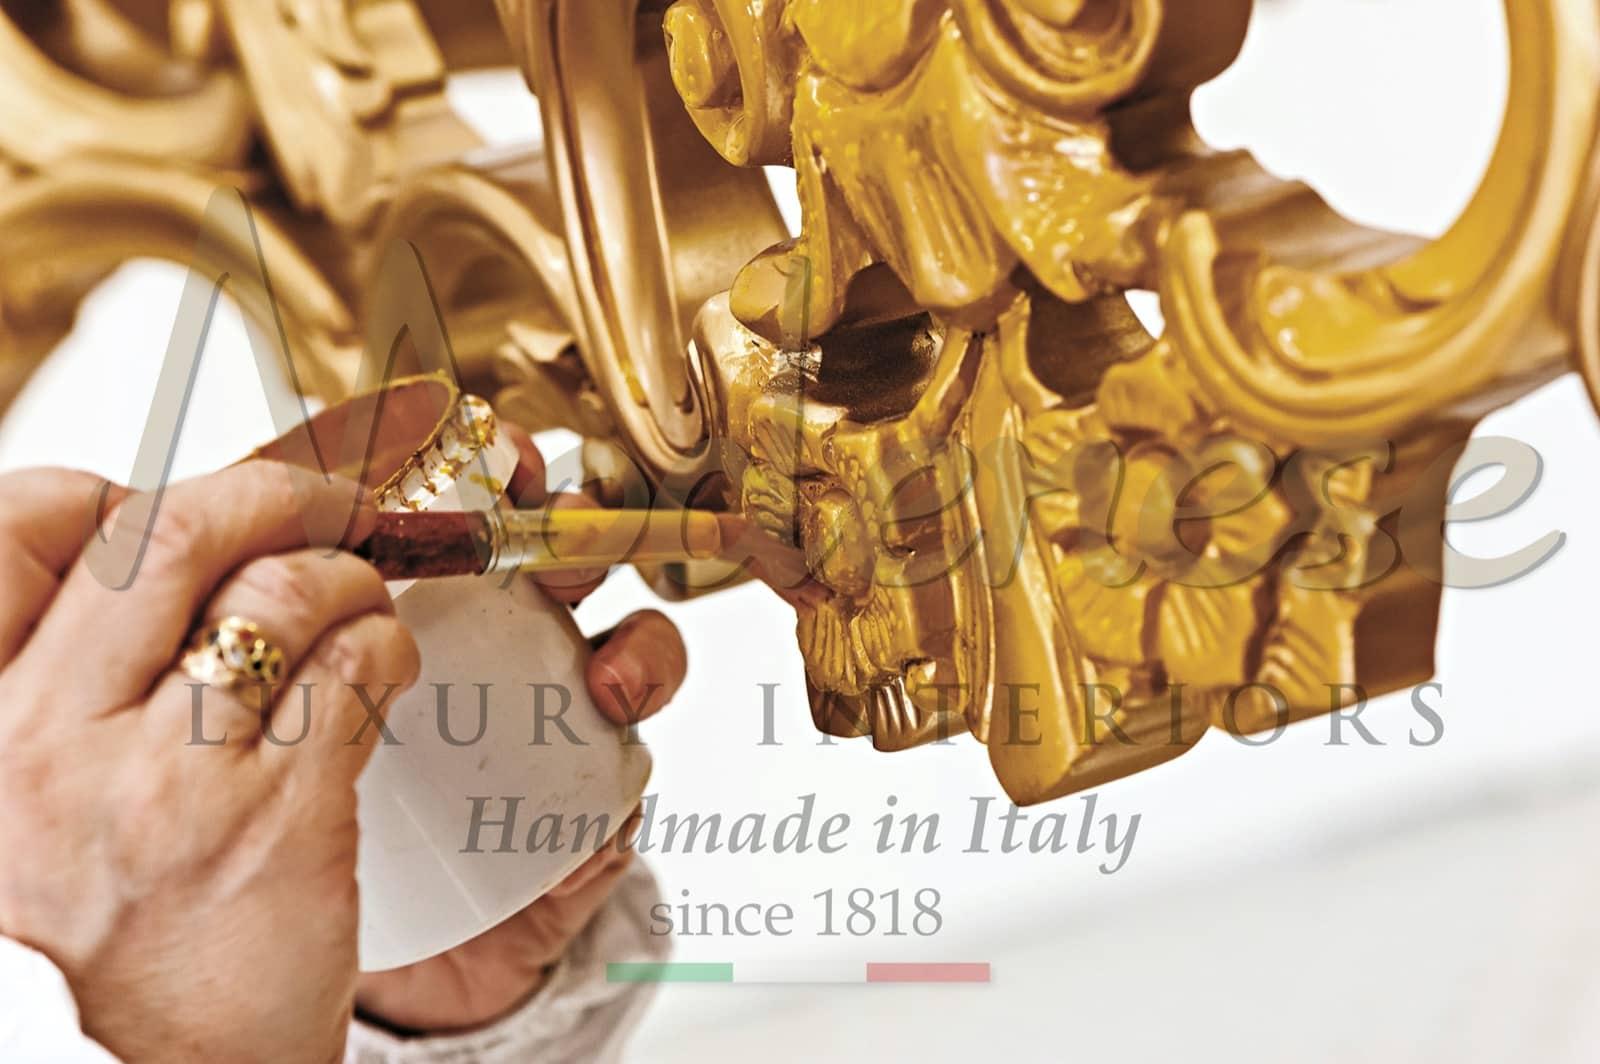 применение сусального золота 24 карата, мастера ручной работы, роскошное производство итальянской мебели, индивидуальные предметы искусства, детали интерьера, королевская вилла, жилой дворец, роскошный золотой декор